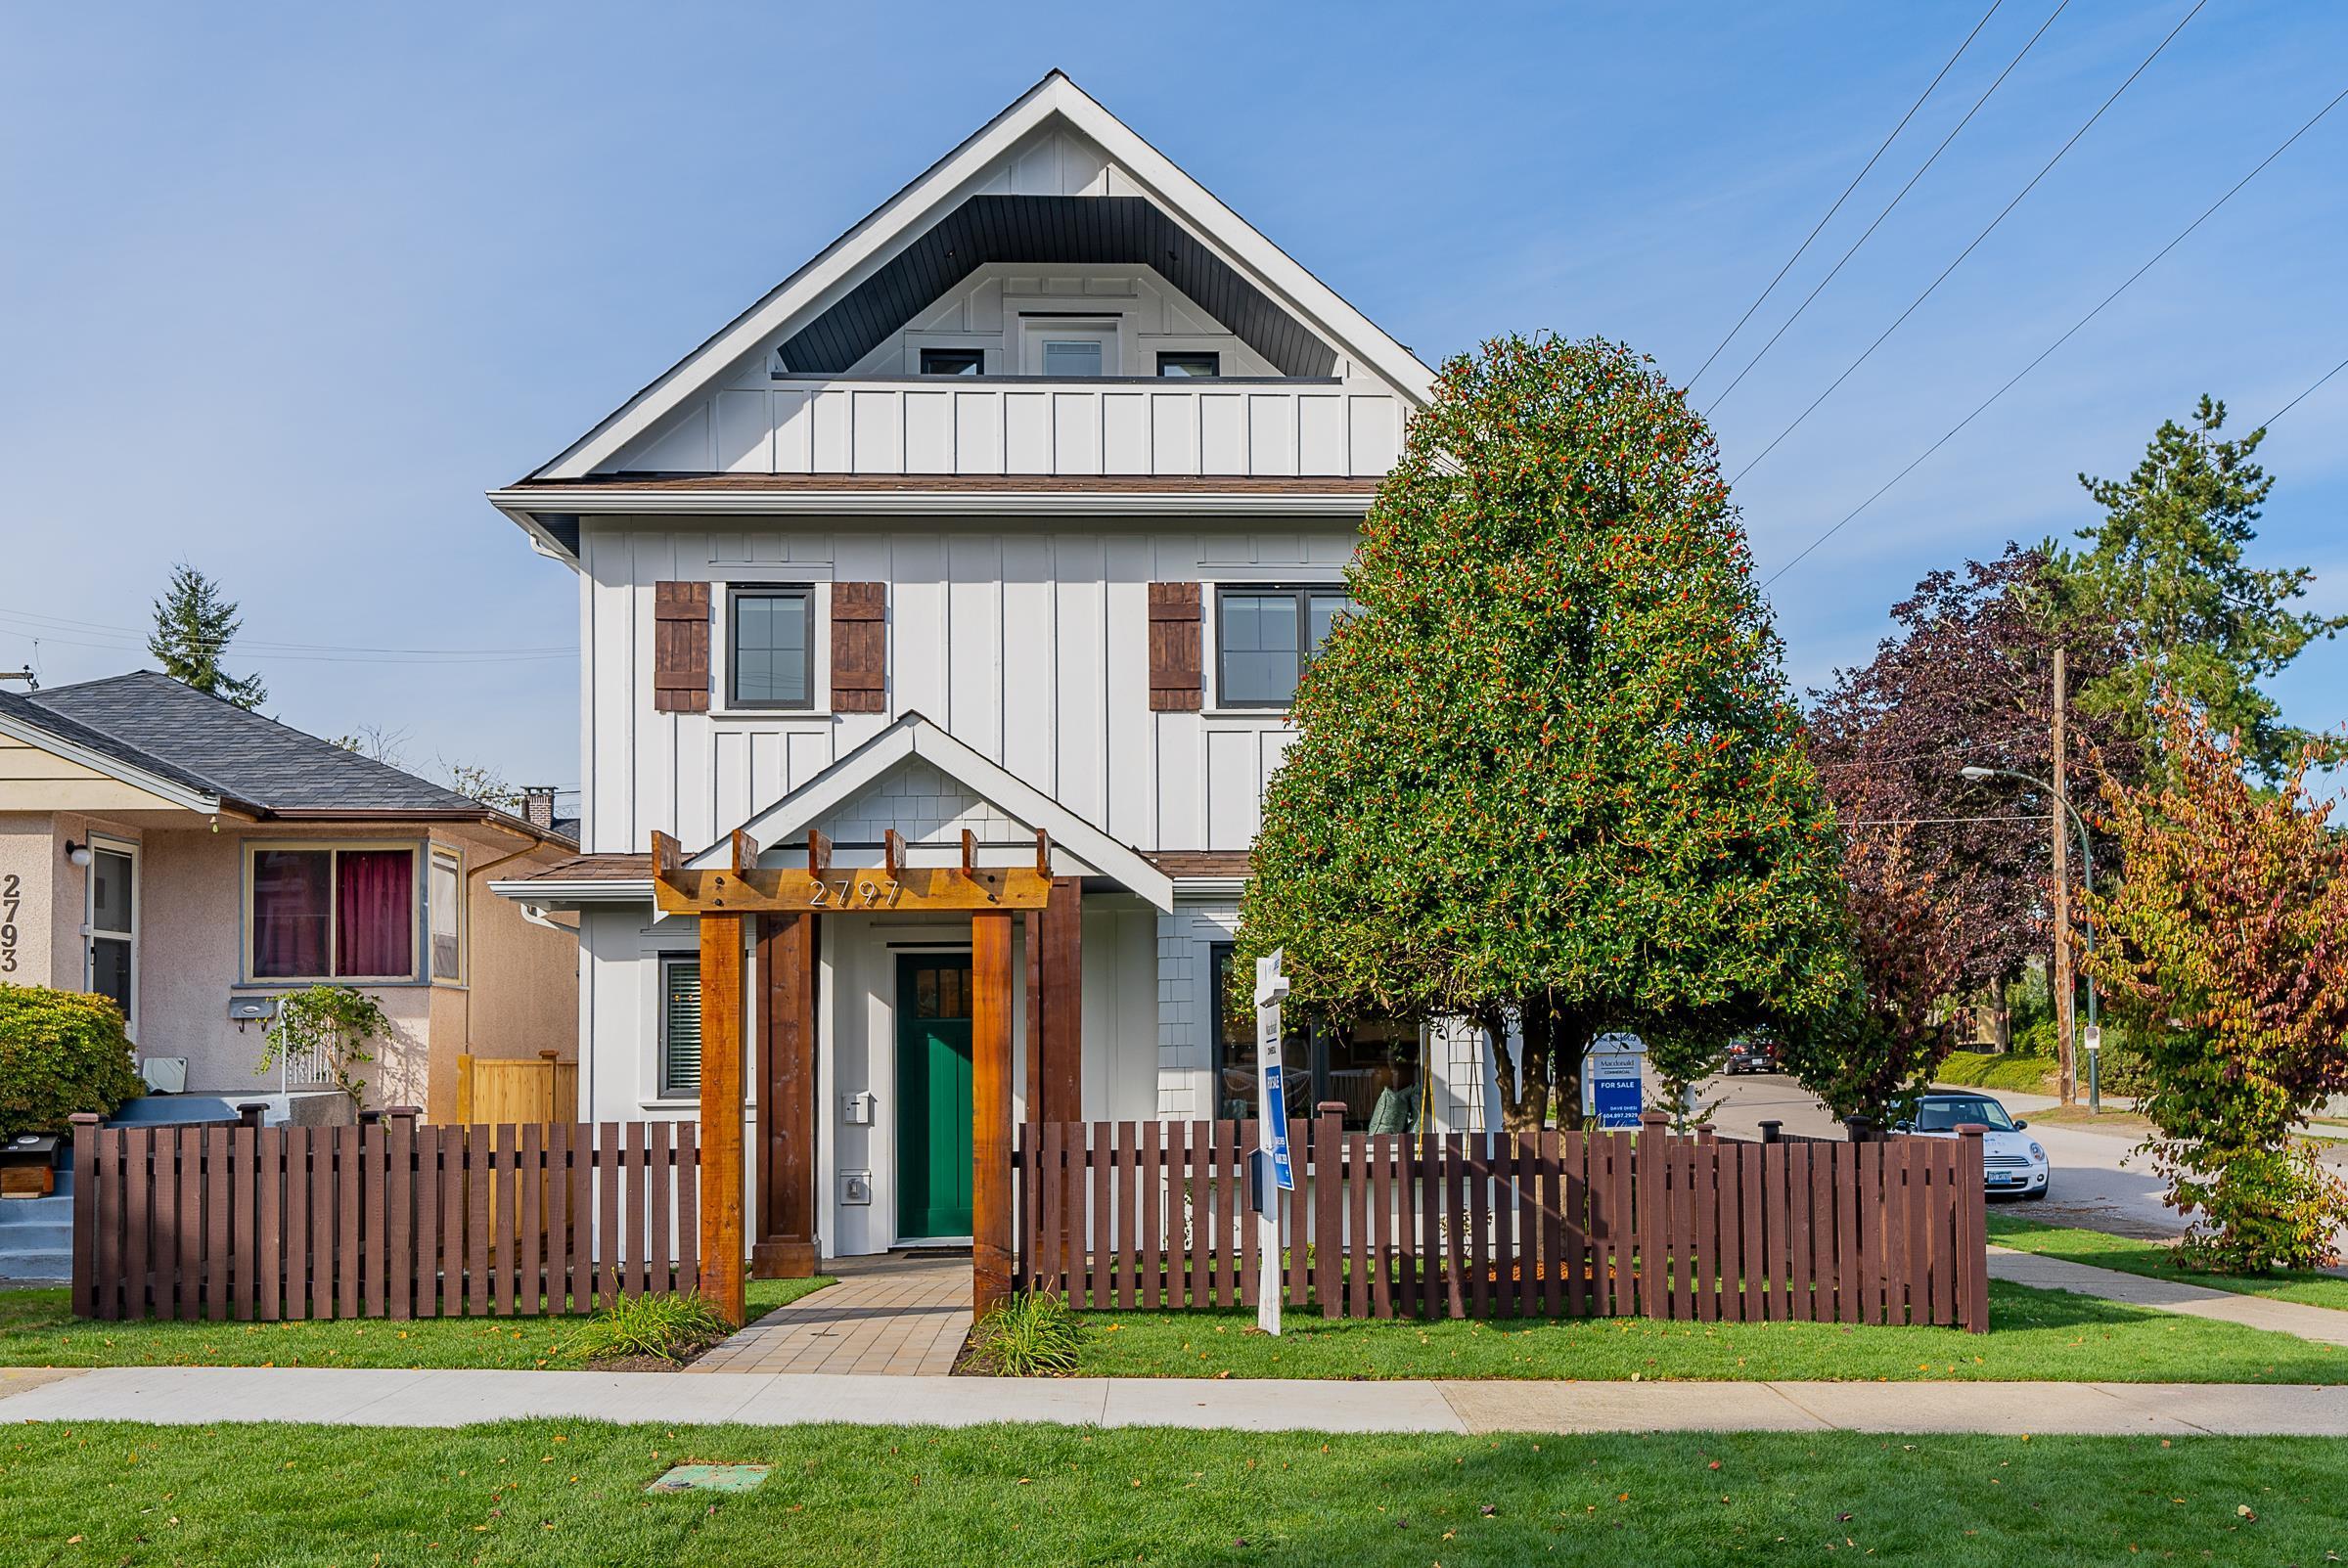 2797 PARKER STREET - Renfrew VE 1/2 Duplex for sale, 3 Bedrooms (R2625073) - #1